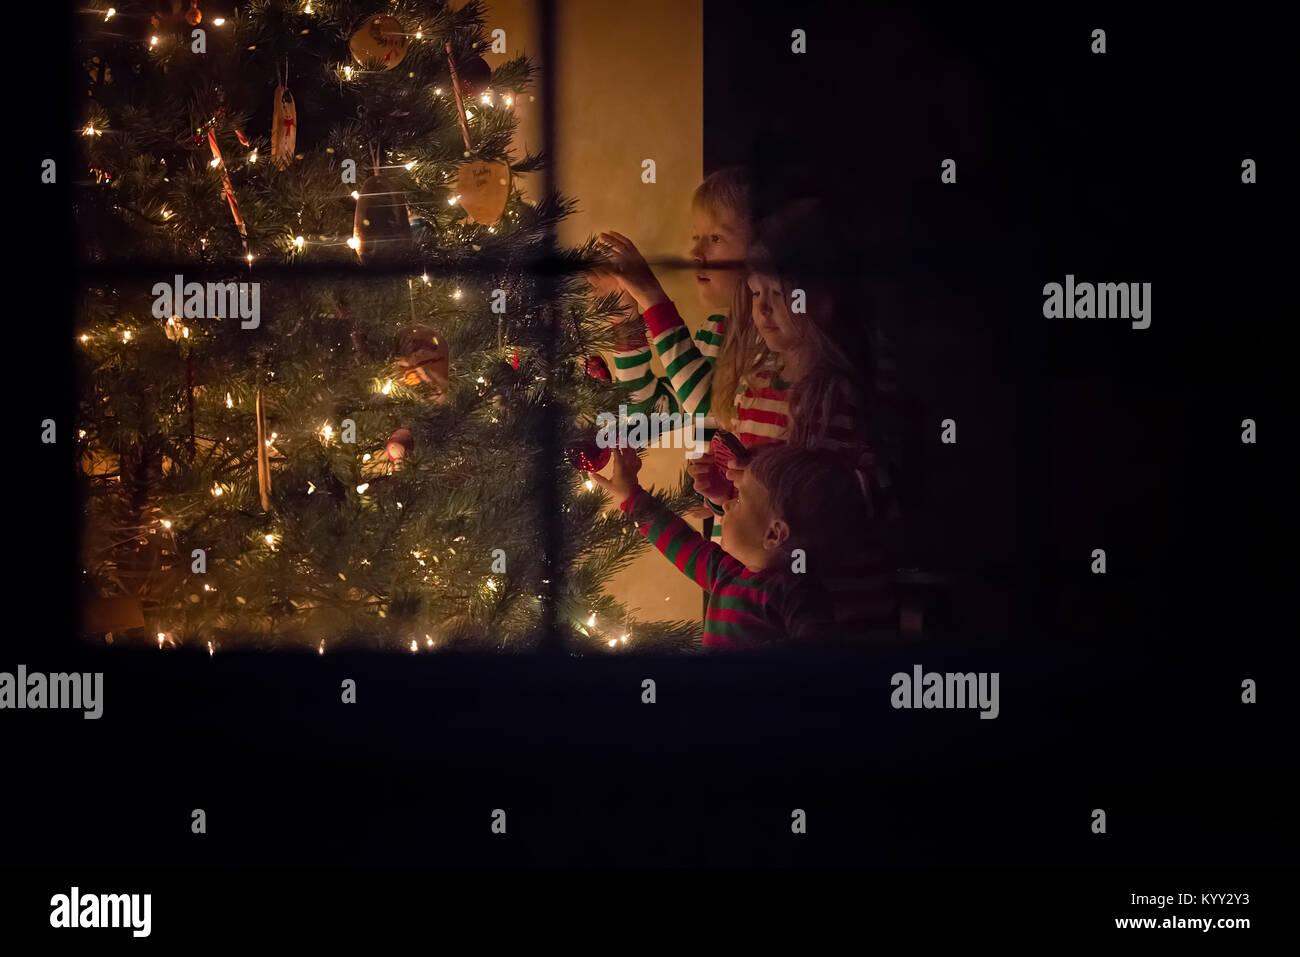 Geschwister schmücken Weihnachtsbaum zu Hause während Weihnachten Stockbild